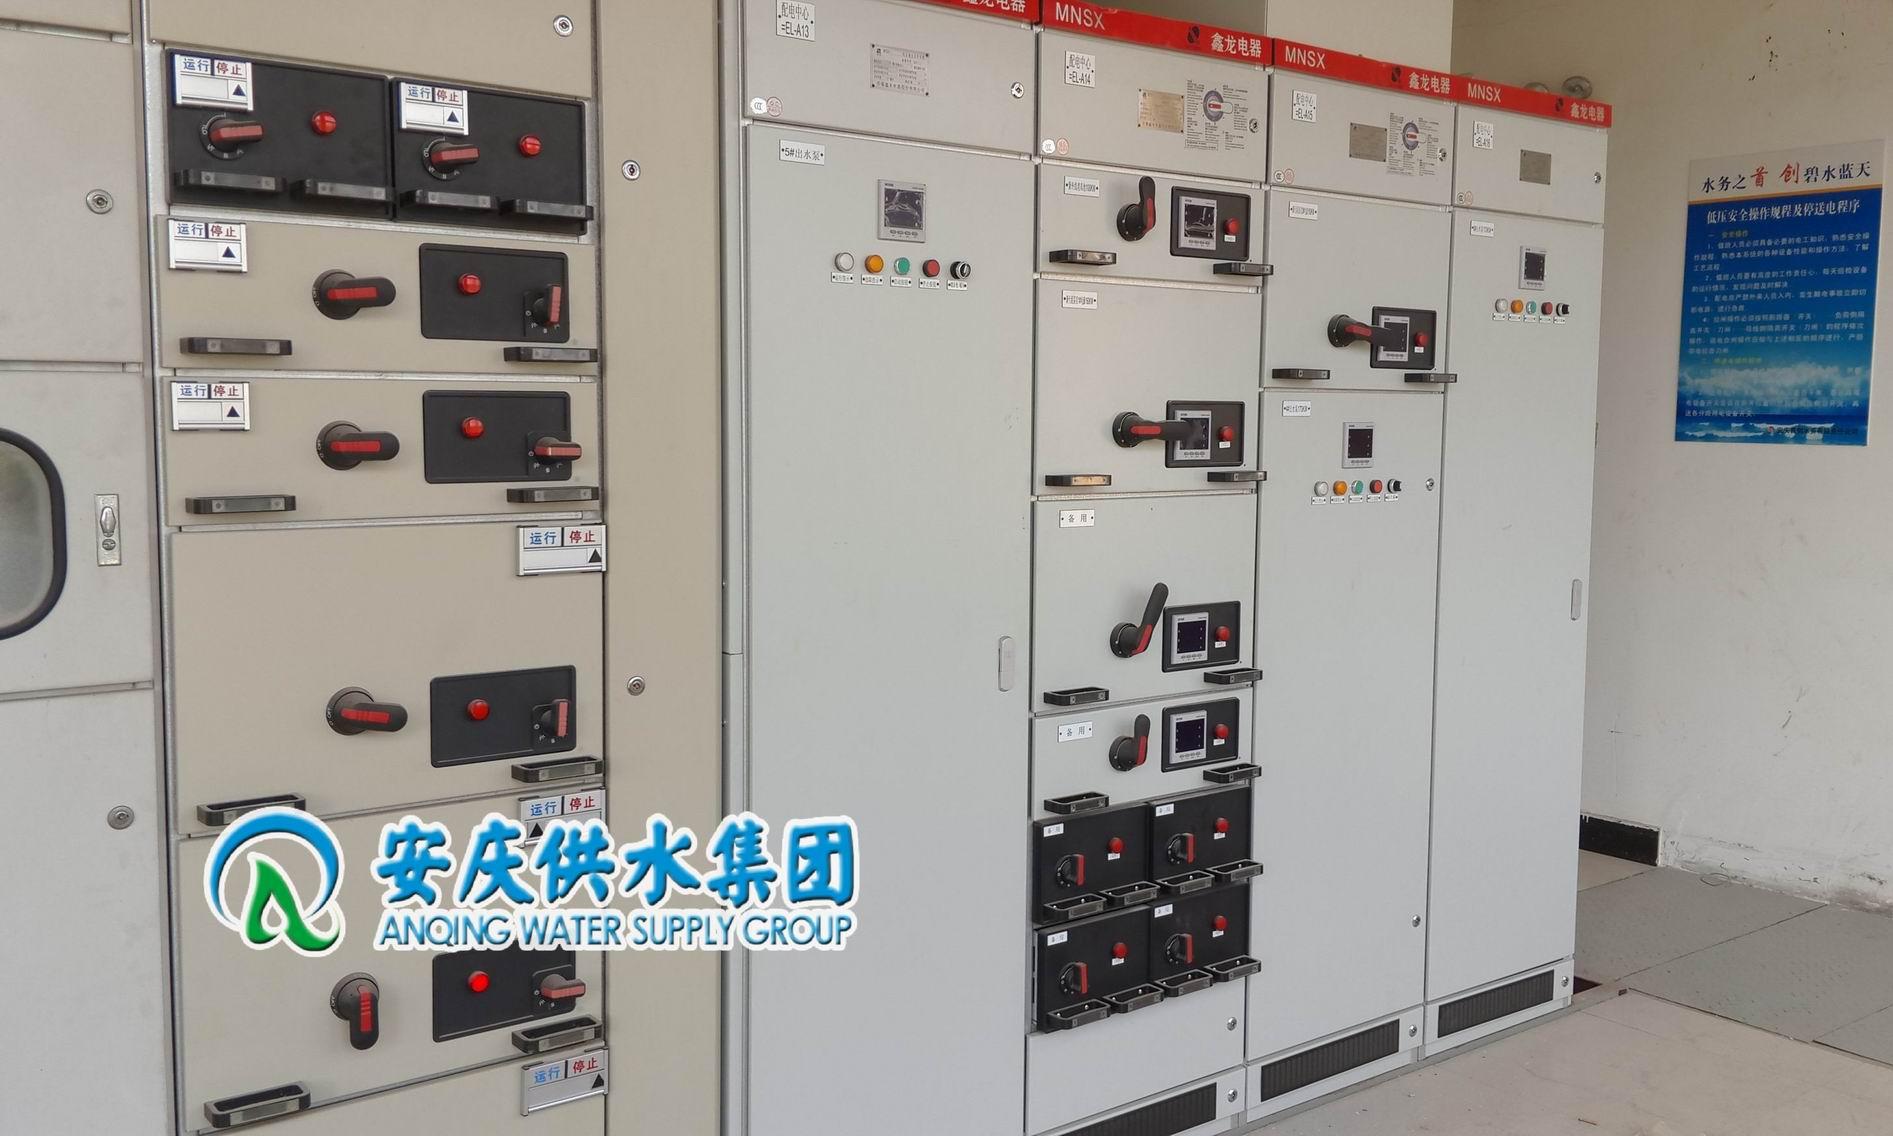 城东污水二期低压配电柜及就地补偿电容器柜安装完成